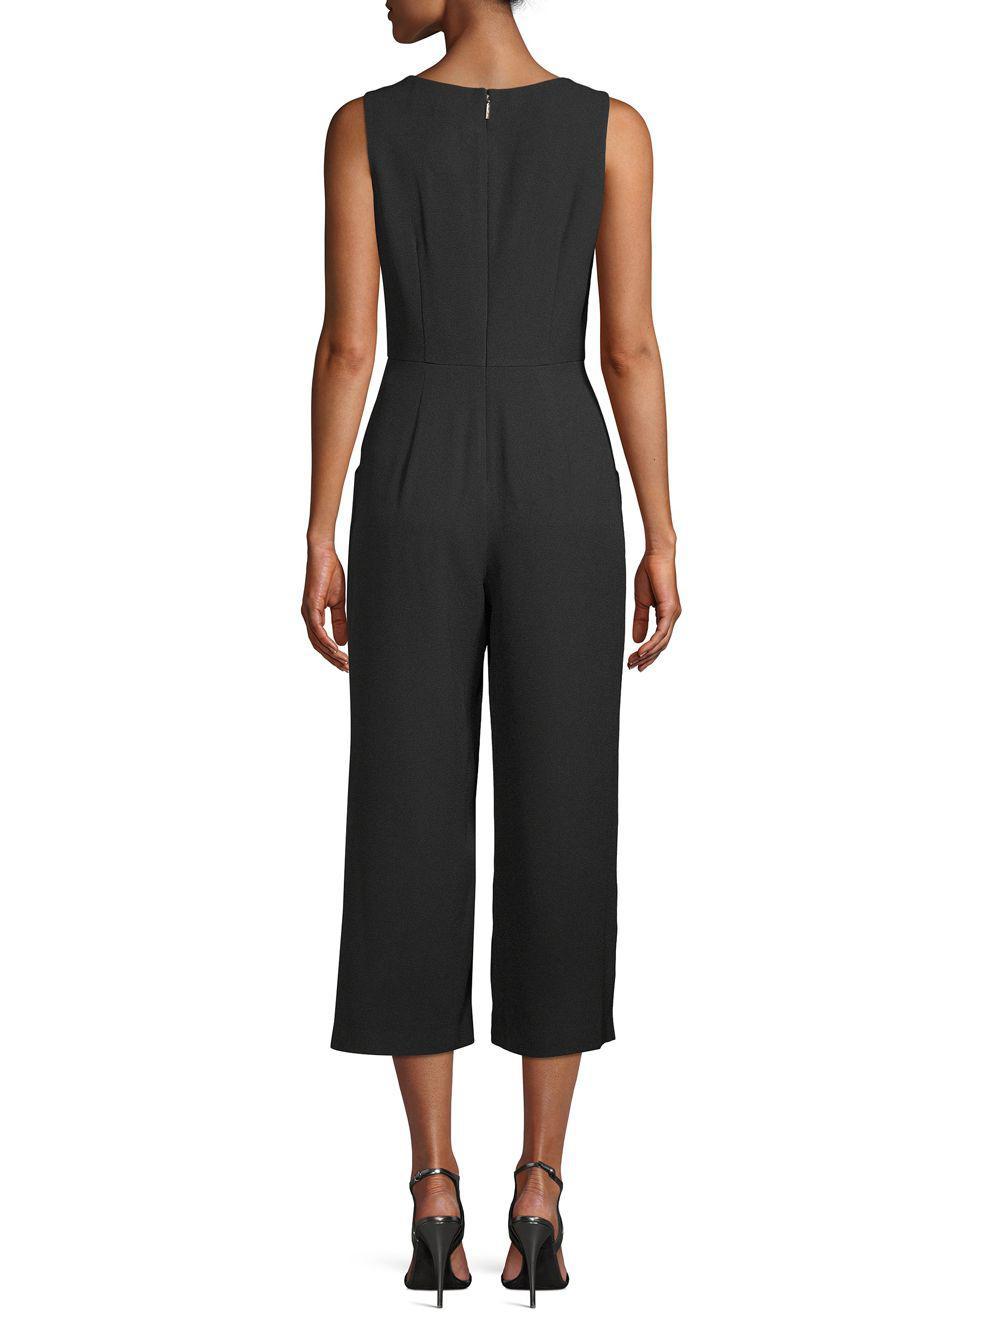 57cef658cd ... Black V-neck Sleeveless Jumpsuit - Lyst. View fullscreen